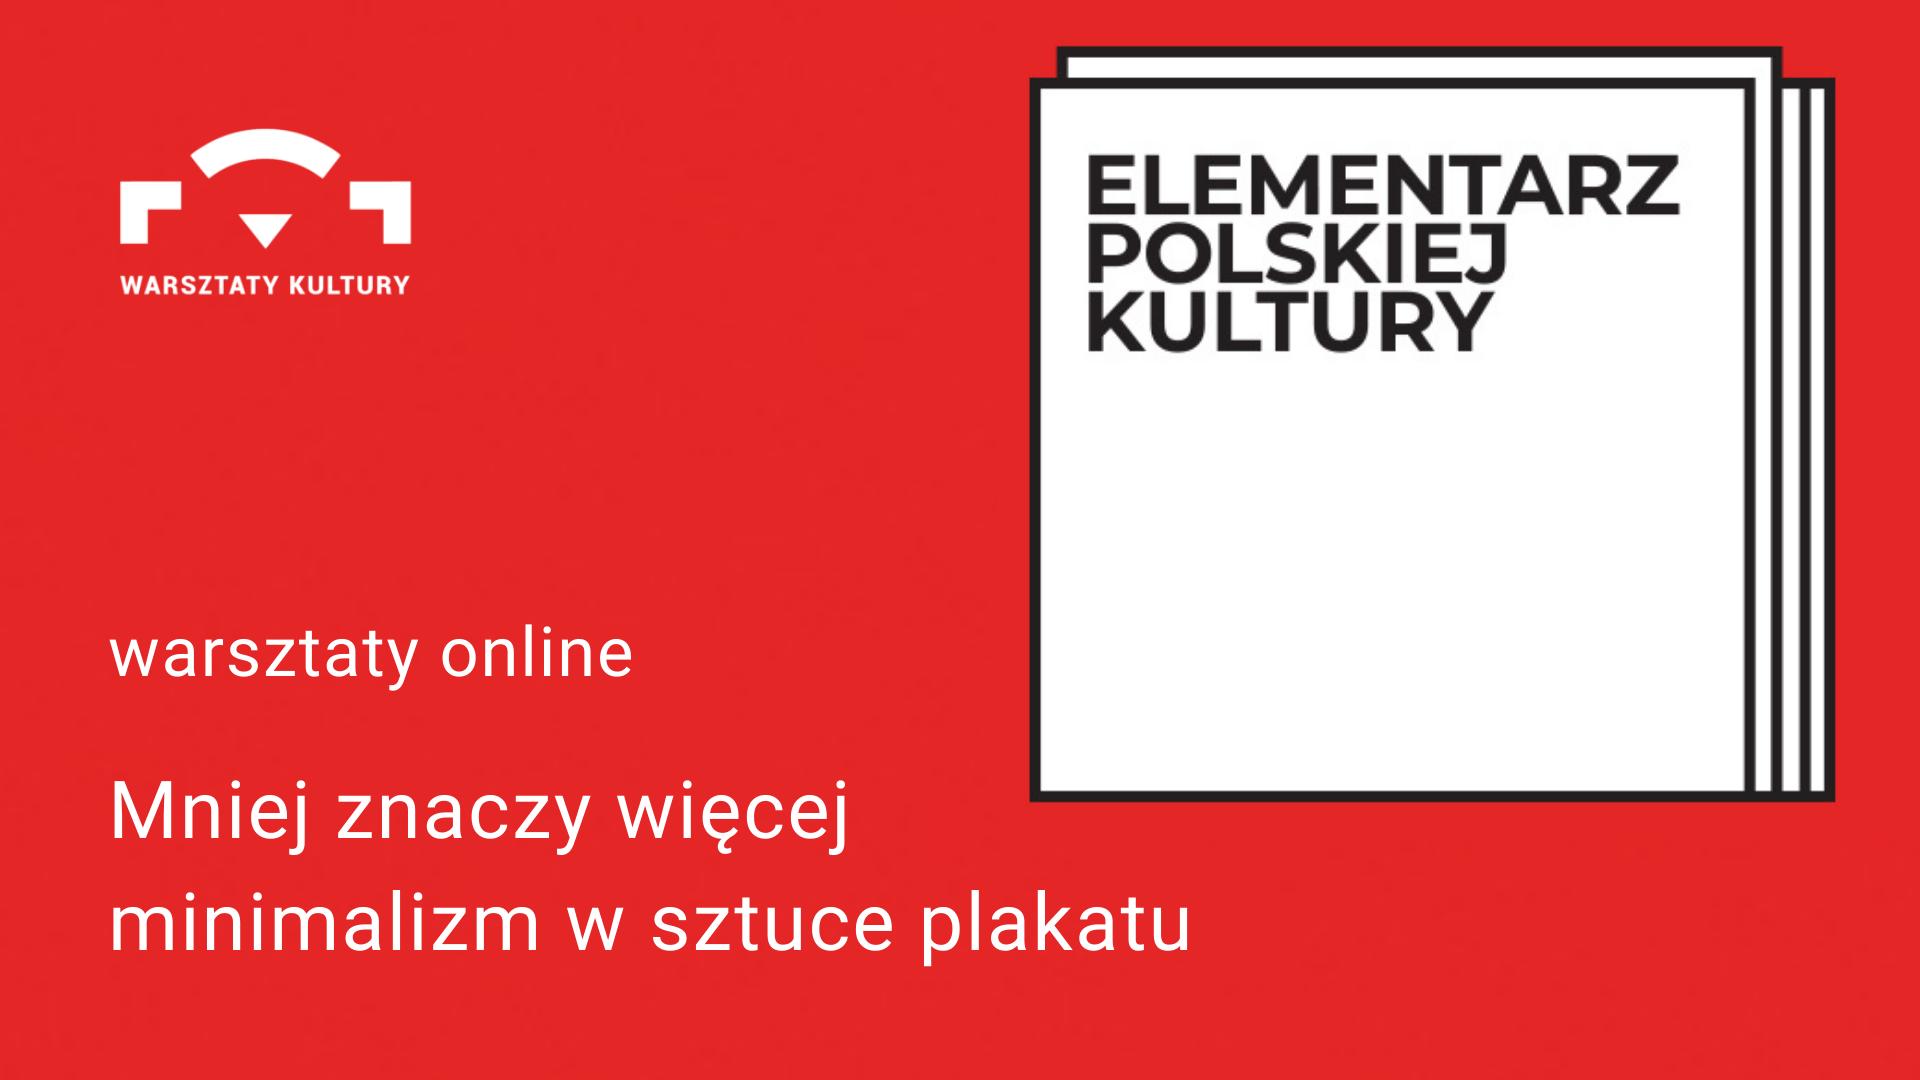 czerwone tło. z prawej strony 4 nałożone na siebie białe kwadraty z napisem Elementarz Polskiej Kultury. z lewej strony biały napis Plakat zrobiony z resztek sztuka kolażu warsztaty online. logo Warsztatów Kultury